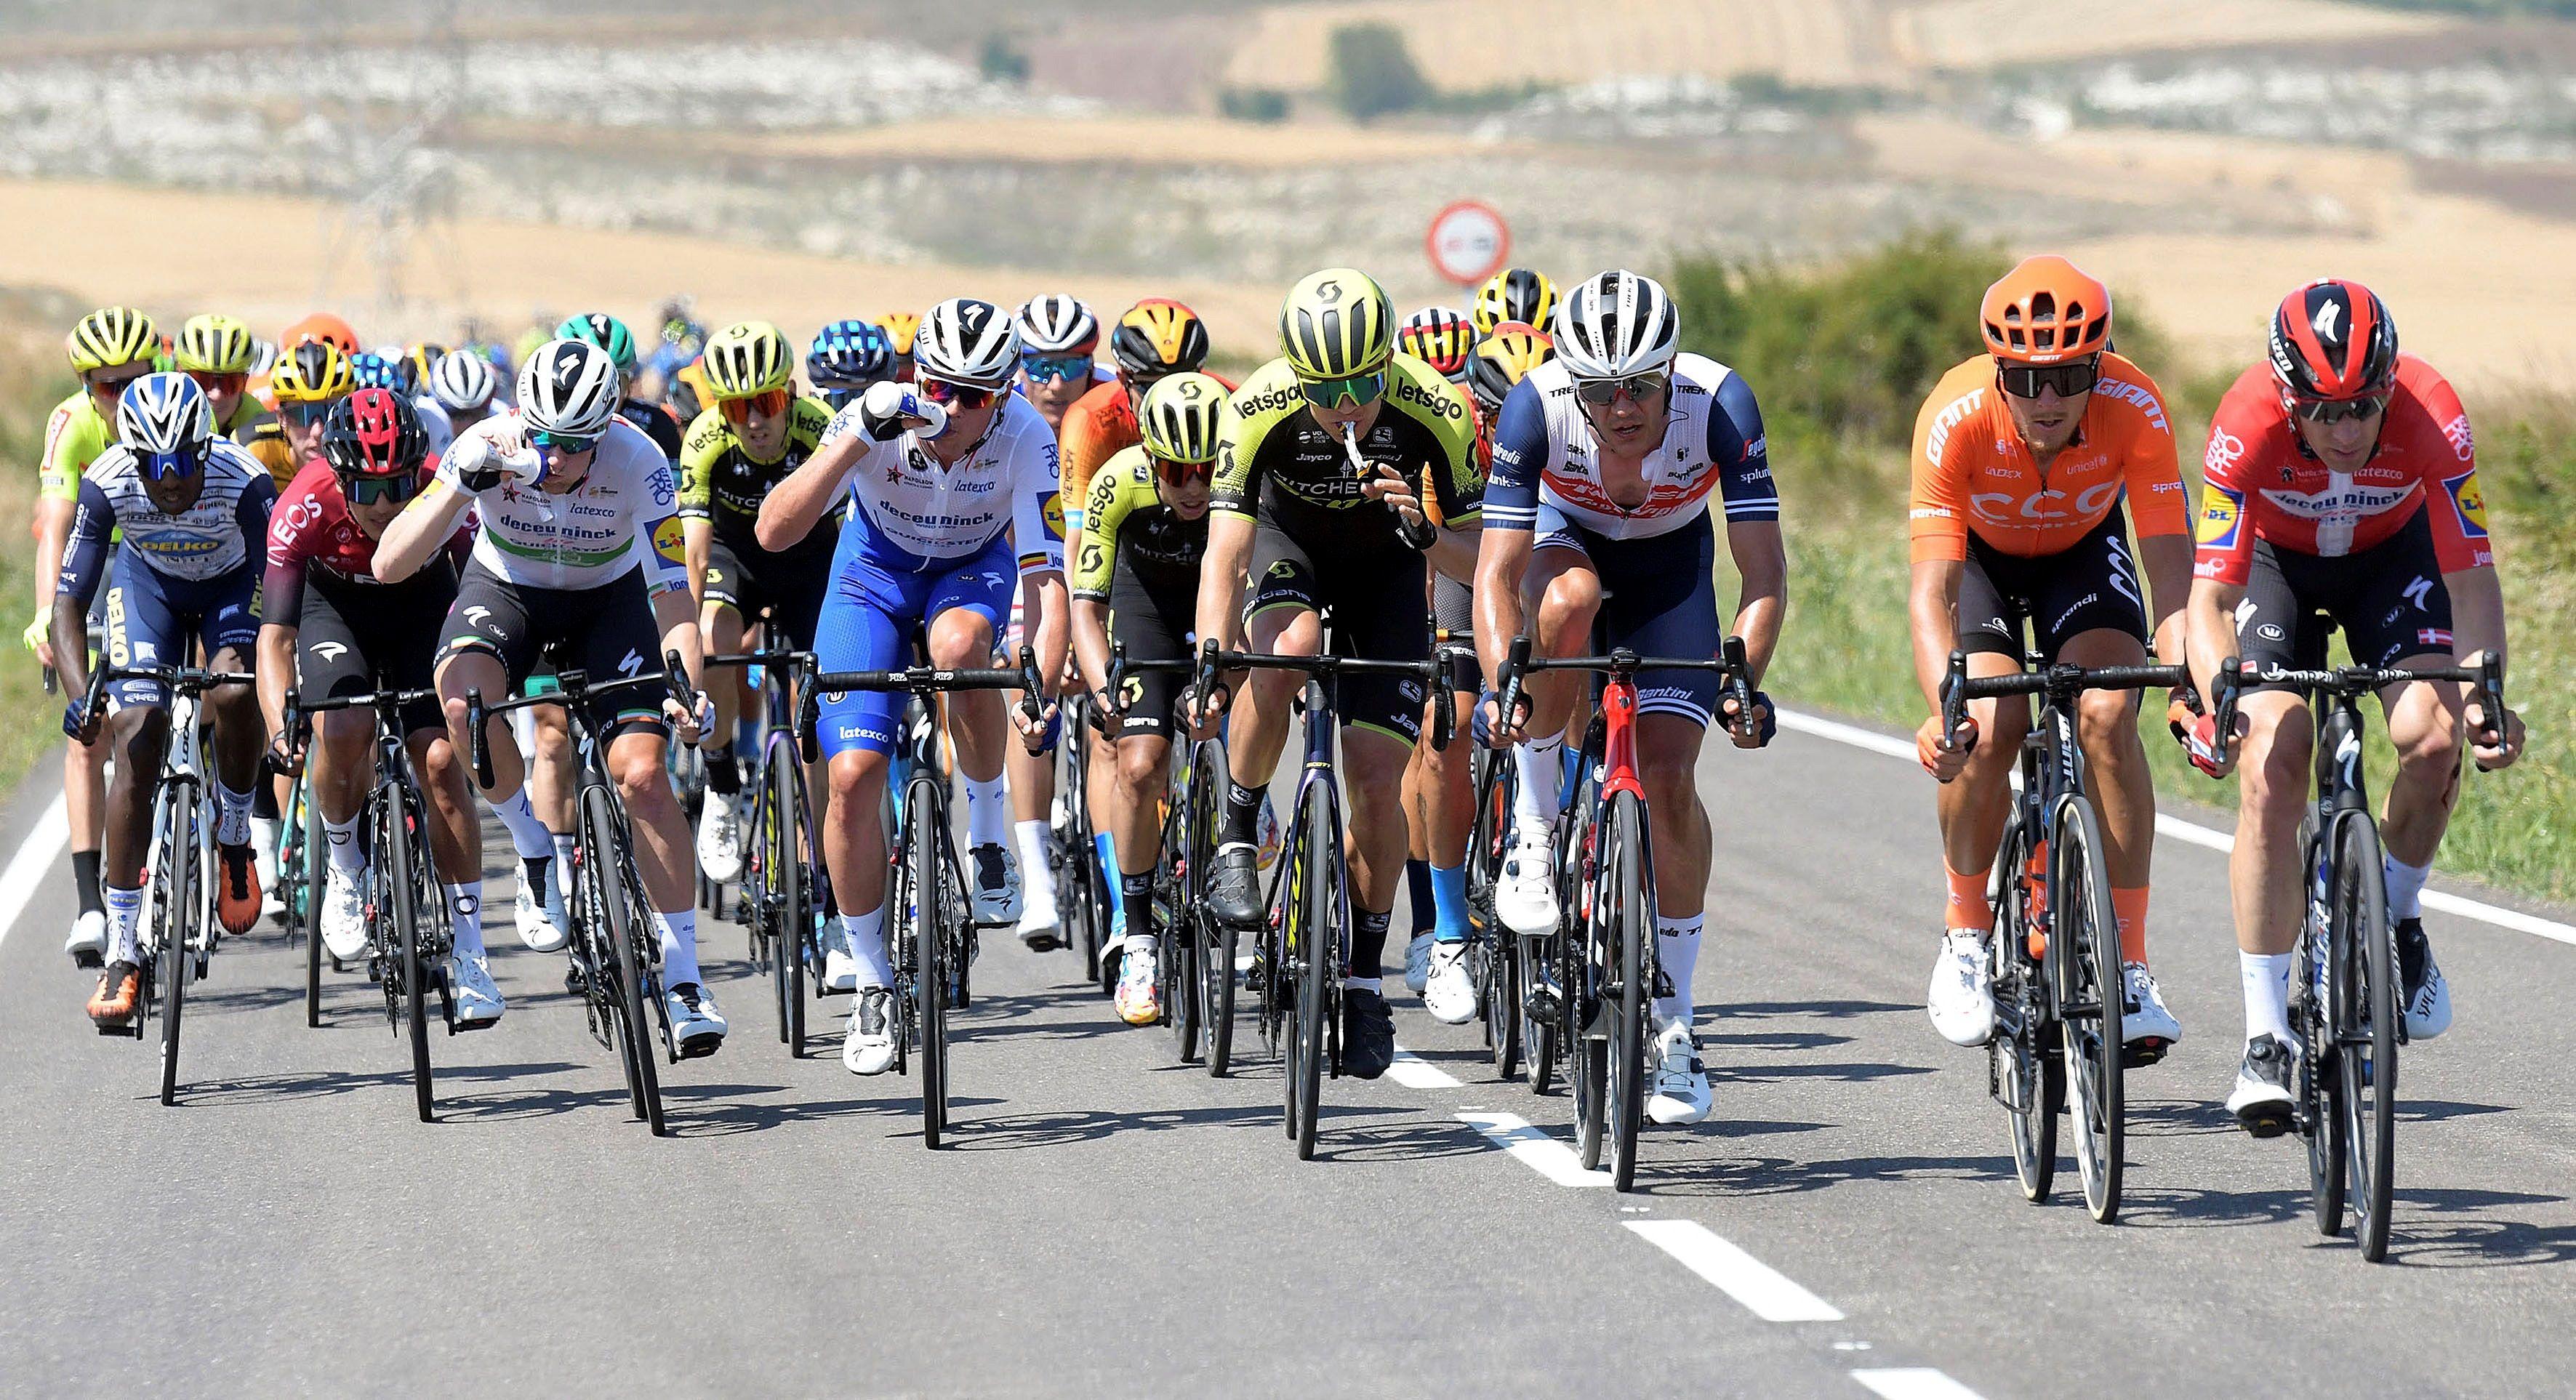 Aislados tres ciclistas en la Vuelta a Burgos por haber estado en contacto con un caso de covid-19 2